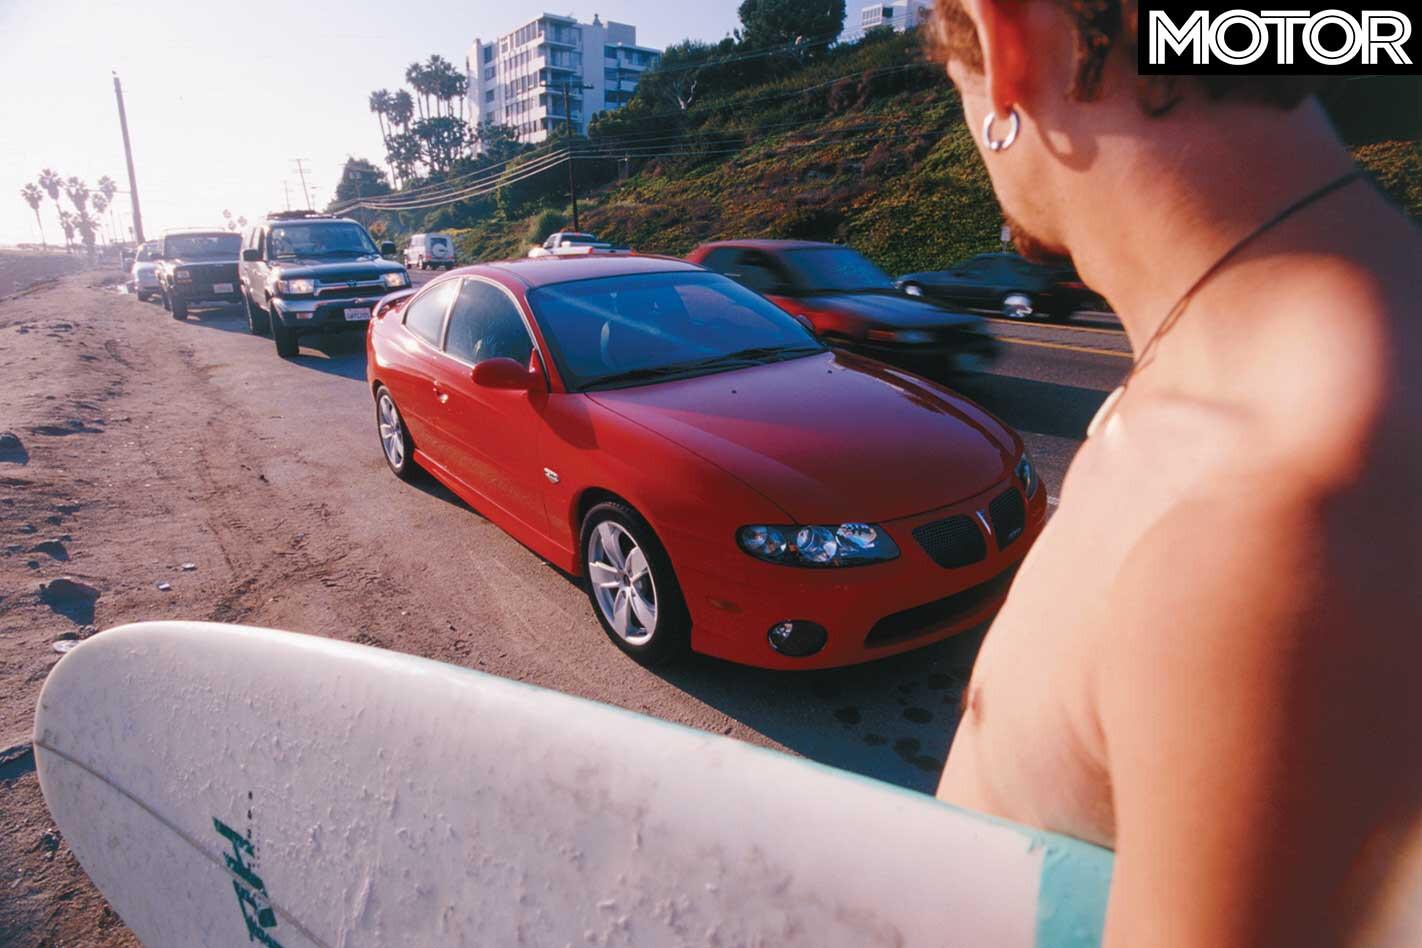 2004 Pontiac GTO Surfer Beach Jpg